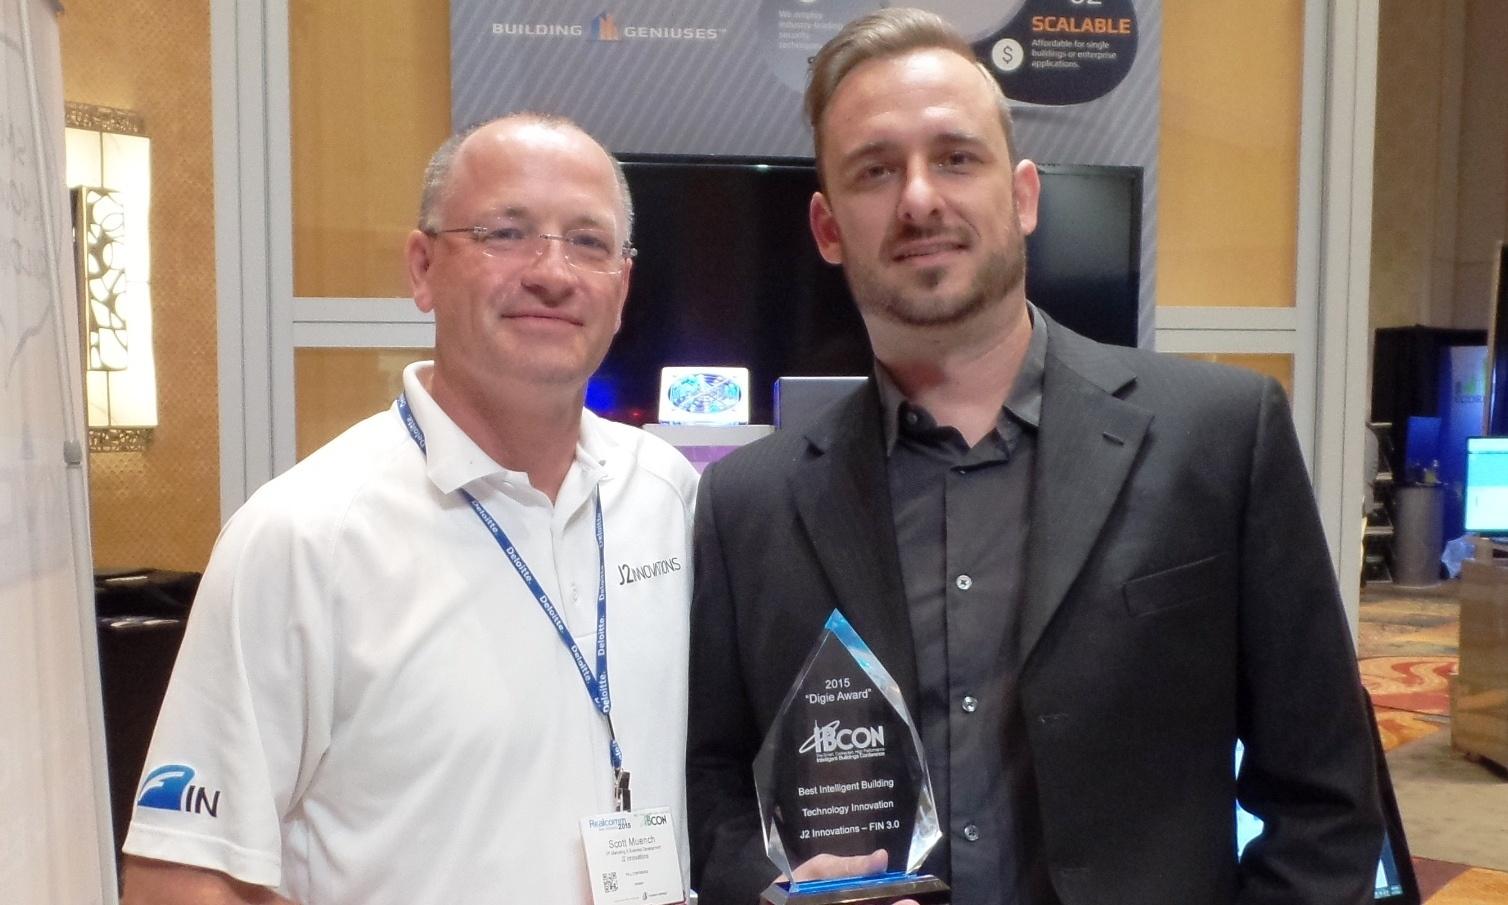 J2 Innovations brings home Best Intelligent Building Innovation award